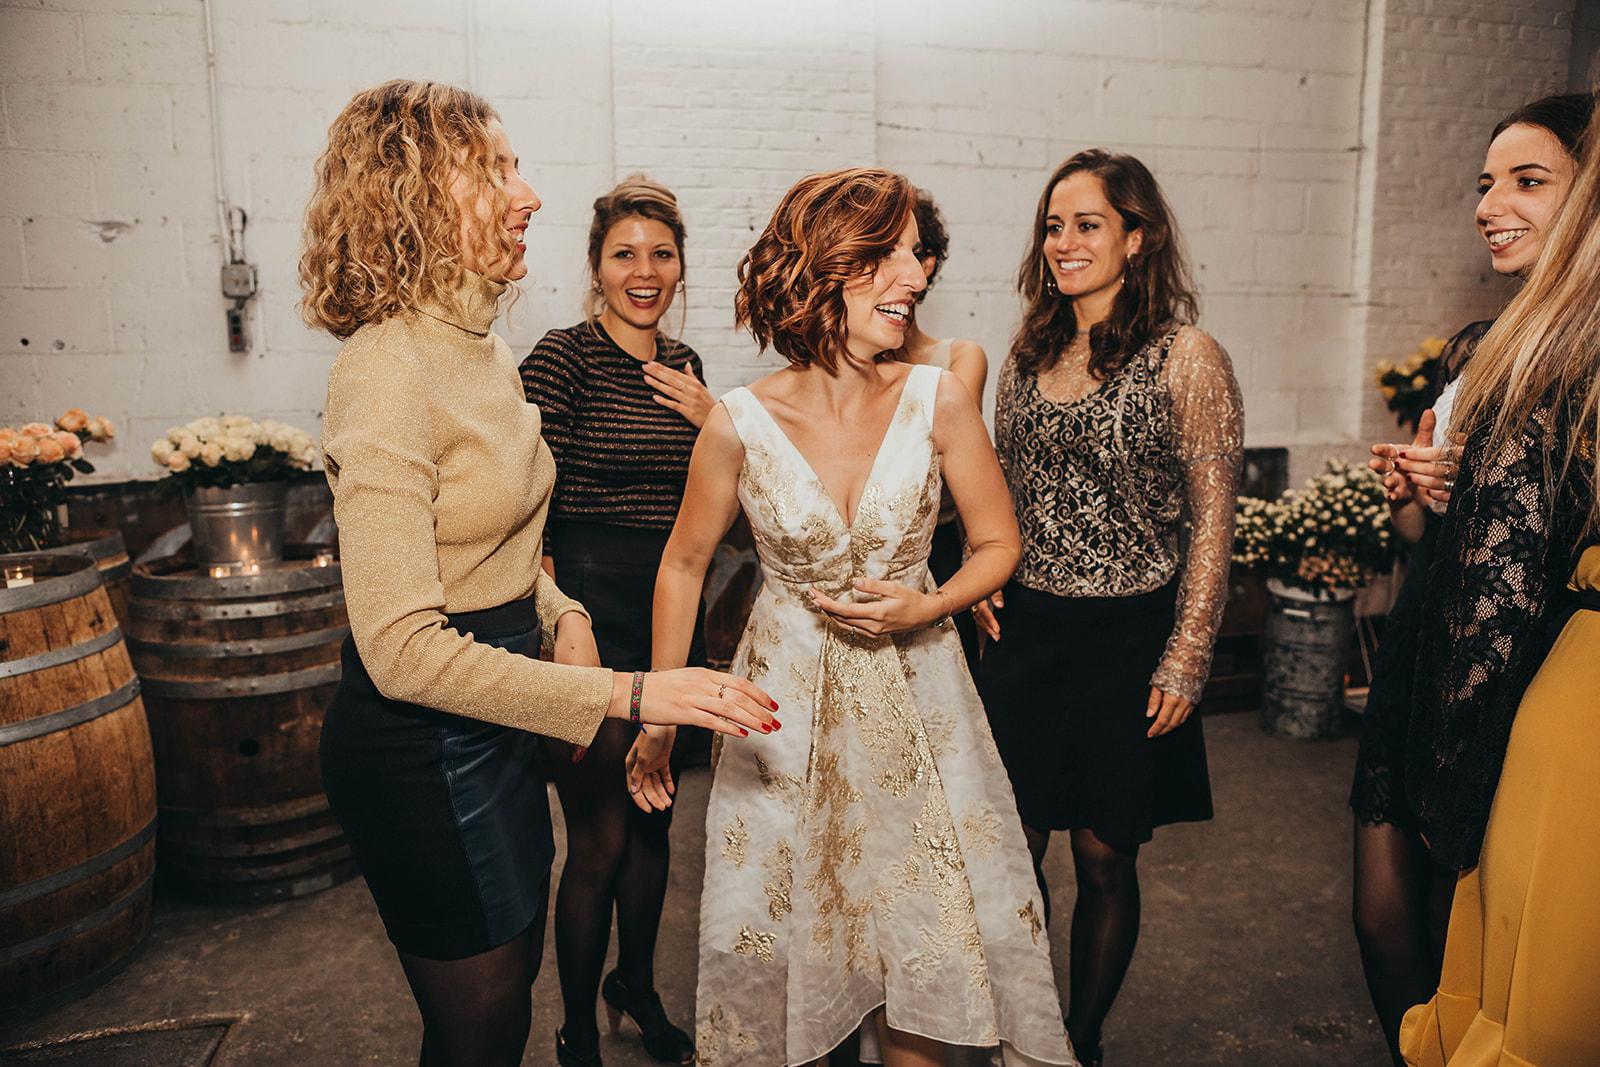 gold and white rehearsal dinner dress ideas ny wedding dress designer-113.jpg